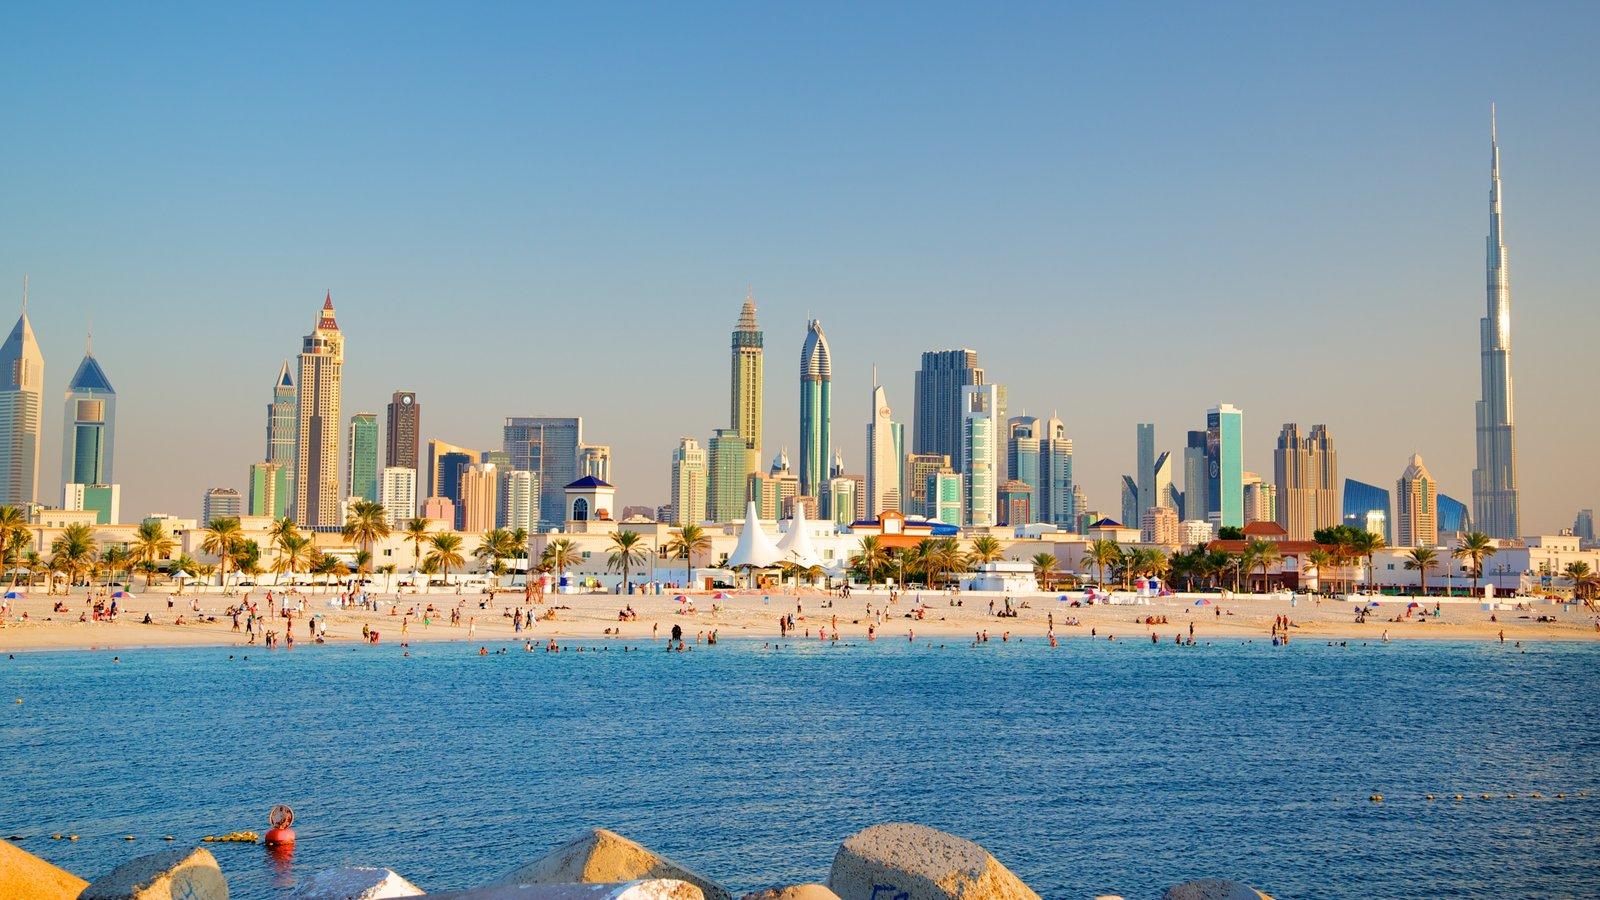 Emirato de Dubái que incluye una ciudad costera, horizonte y una playa de arena